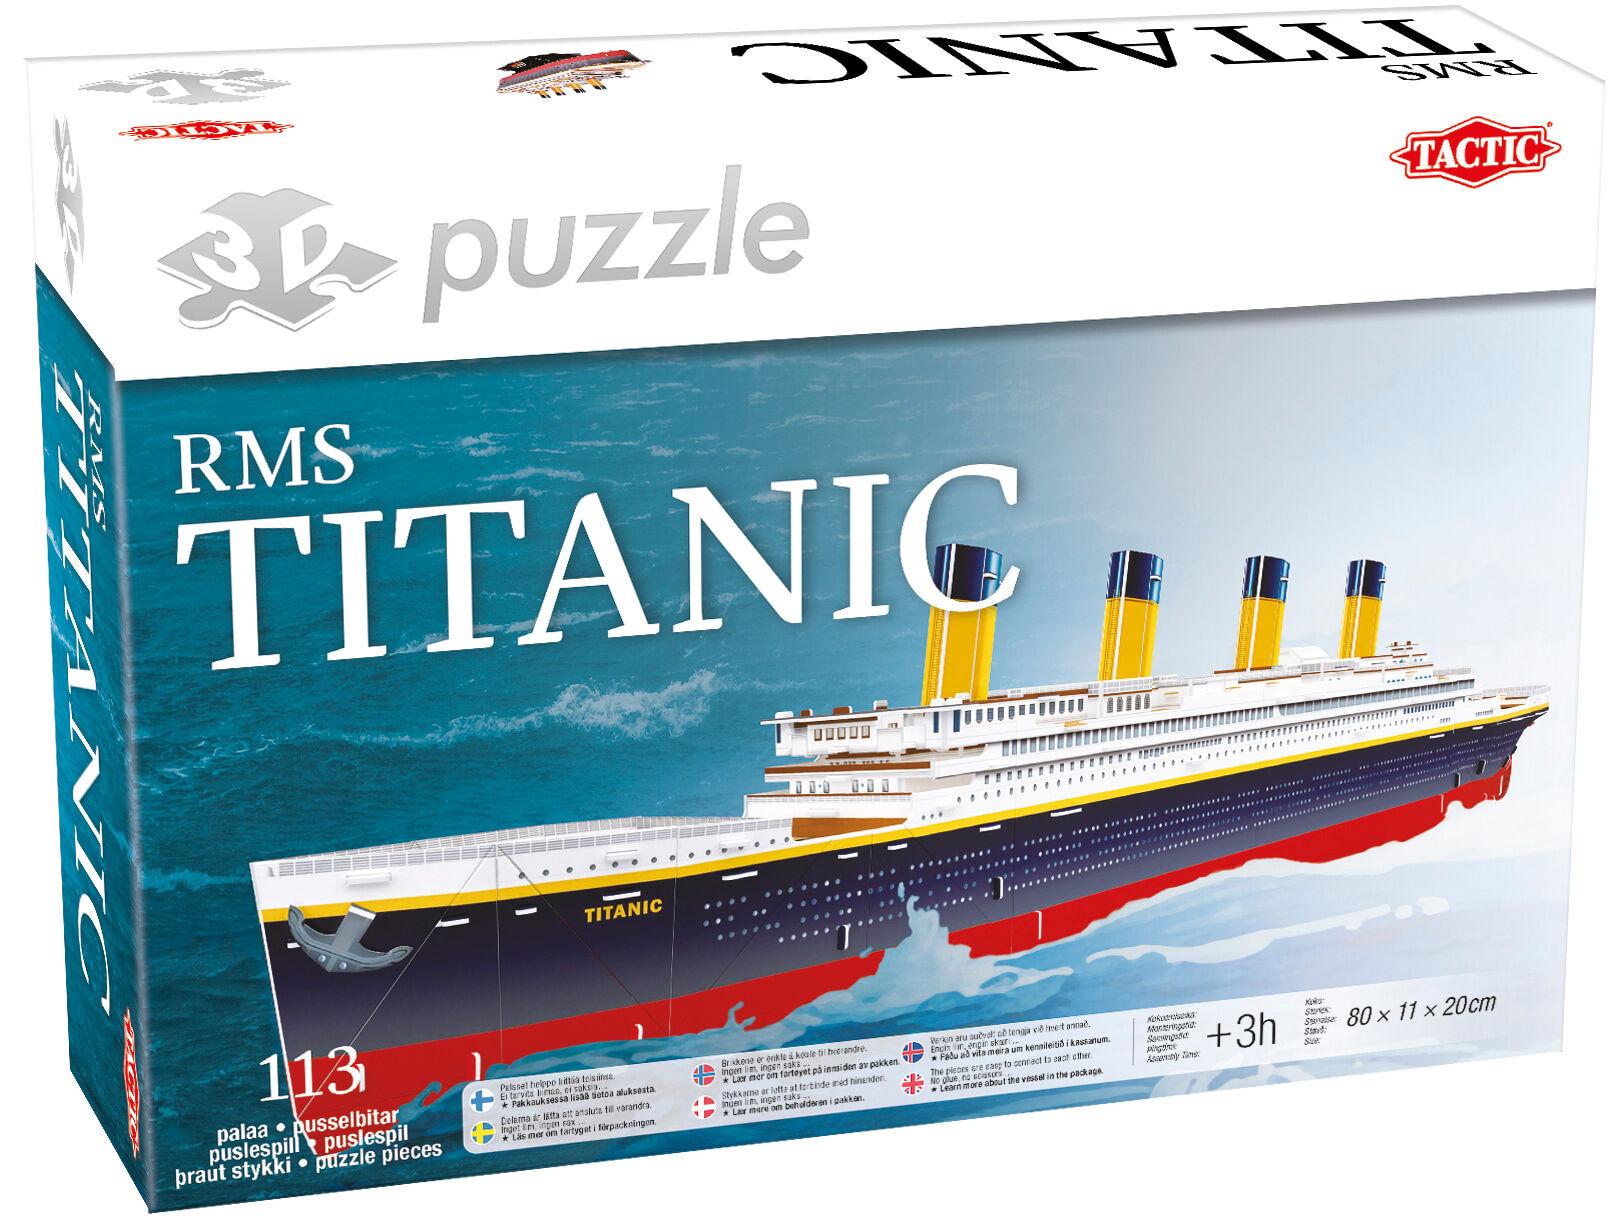 Tactic RMS Titanic 3D palapeli